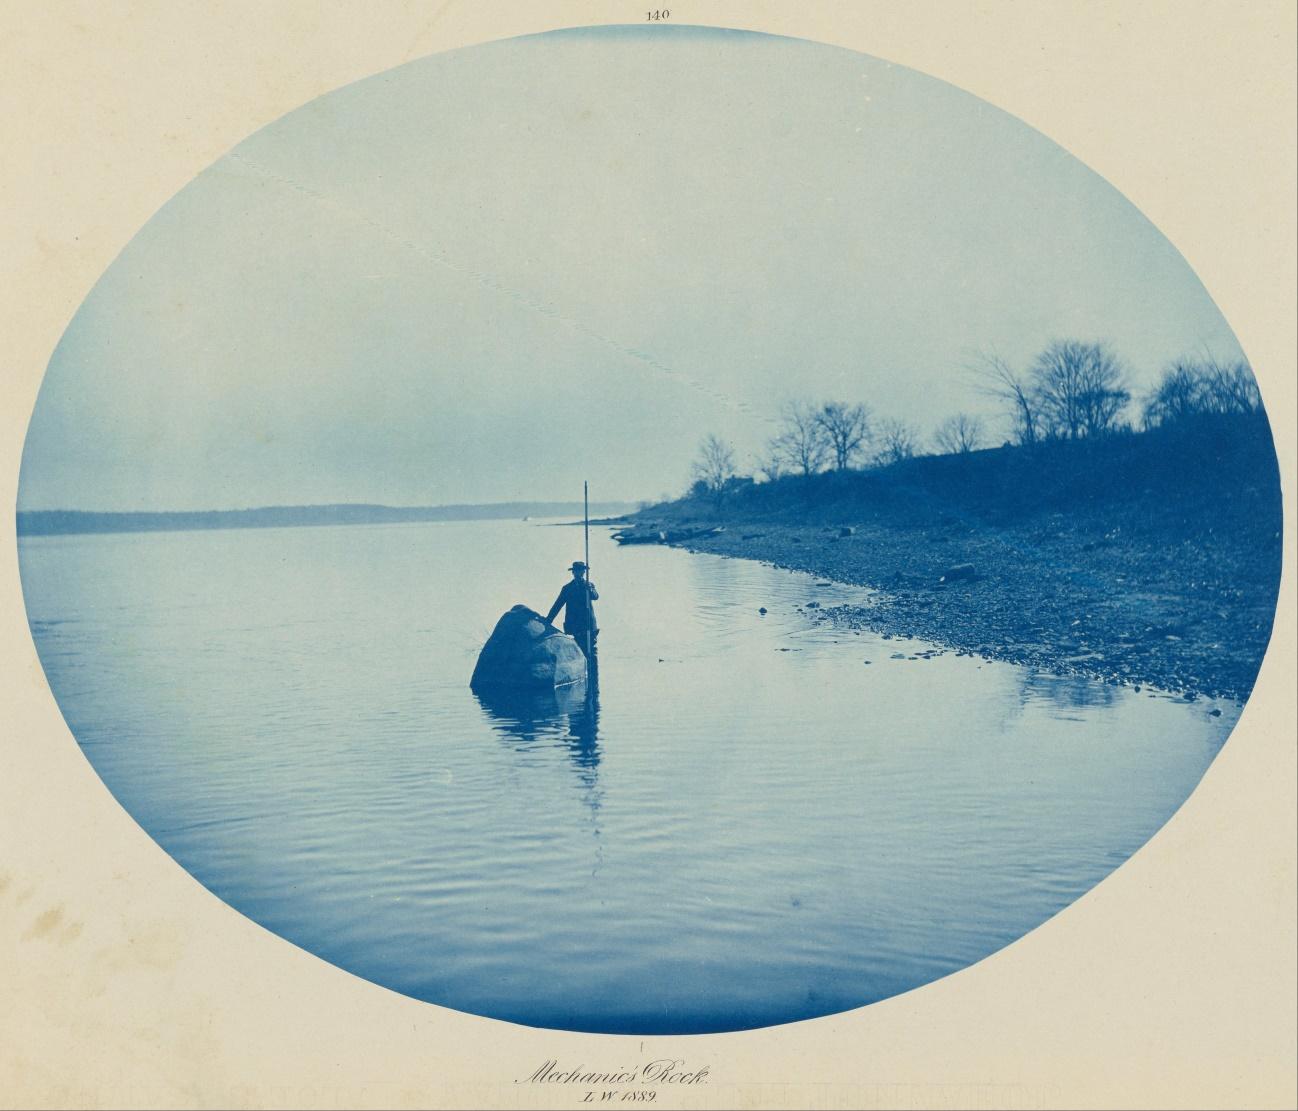 Henry Bosse | Cyanotype, Landscape photography, Photography